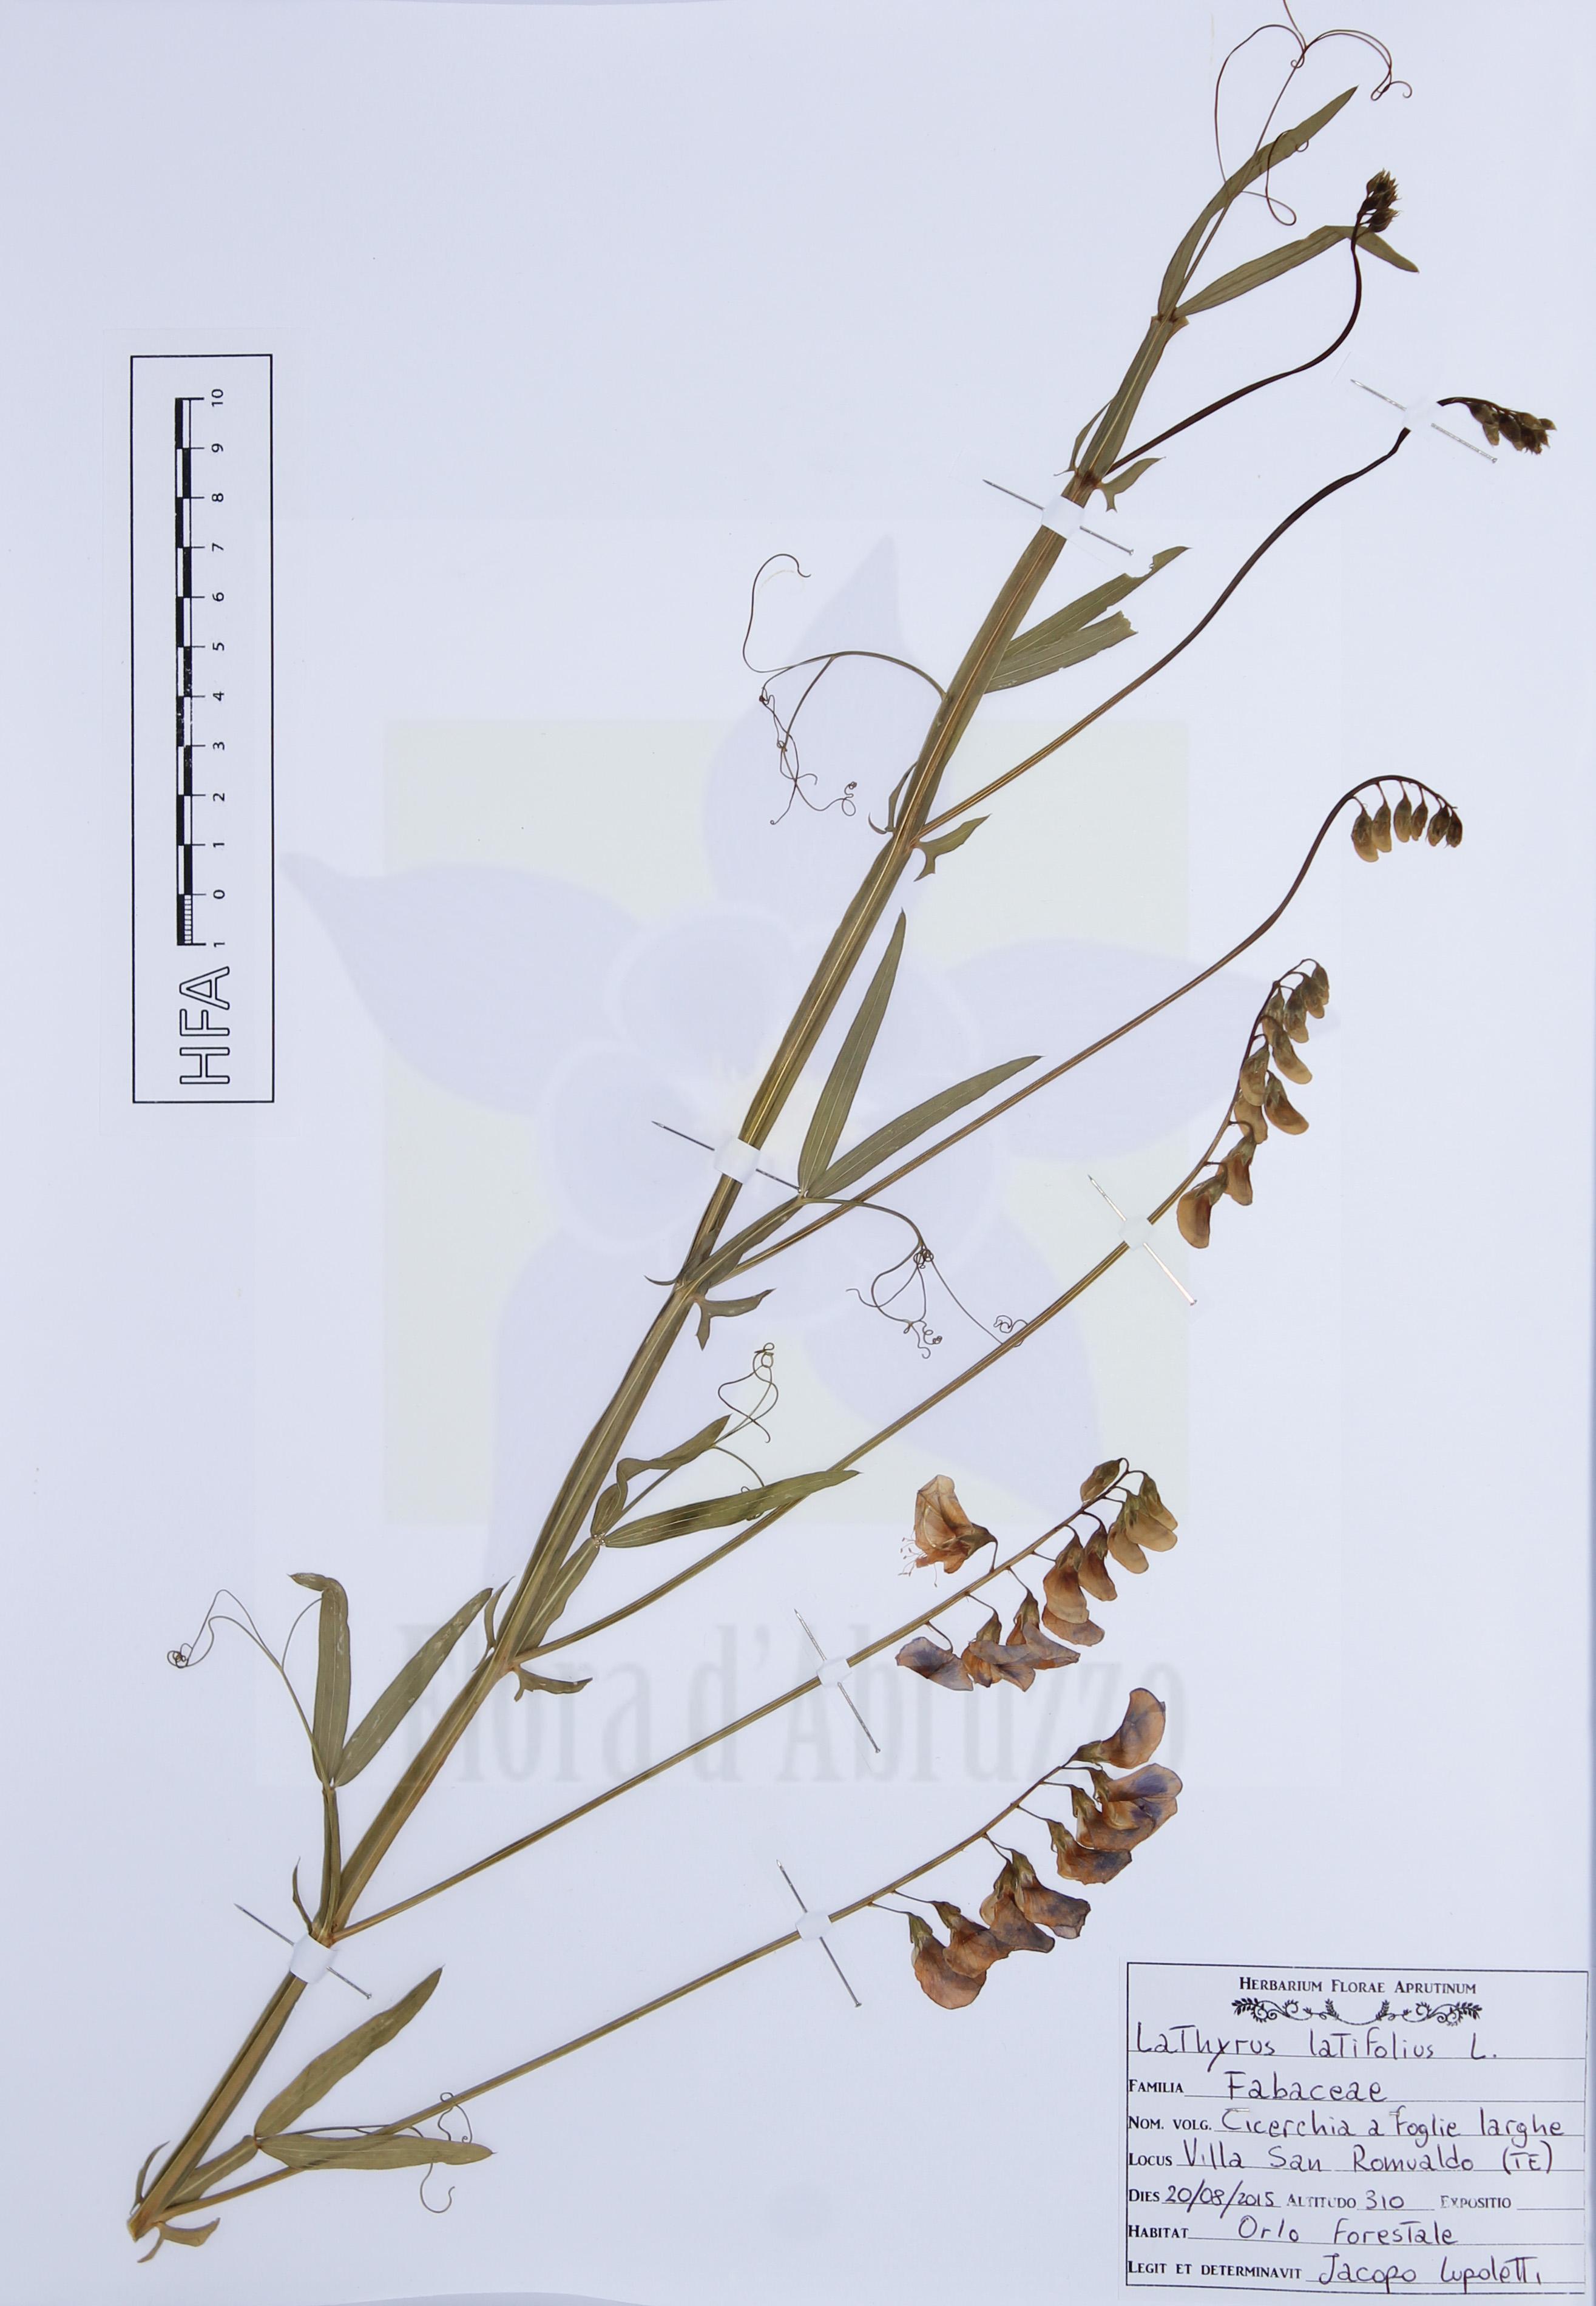 Lathyrus latifoliusL.